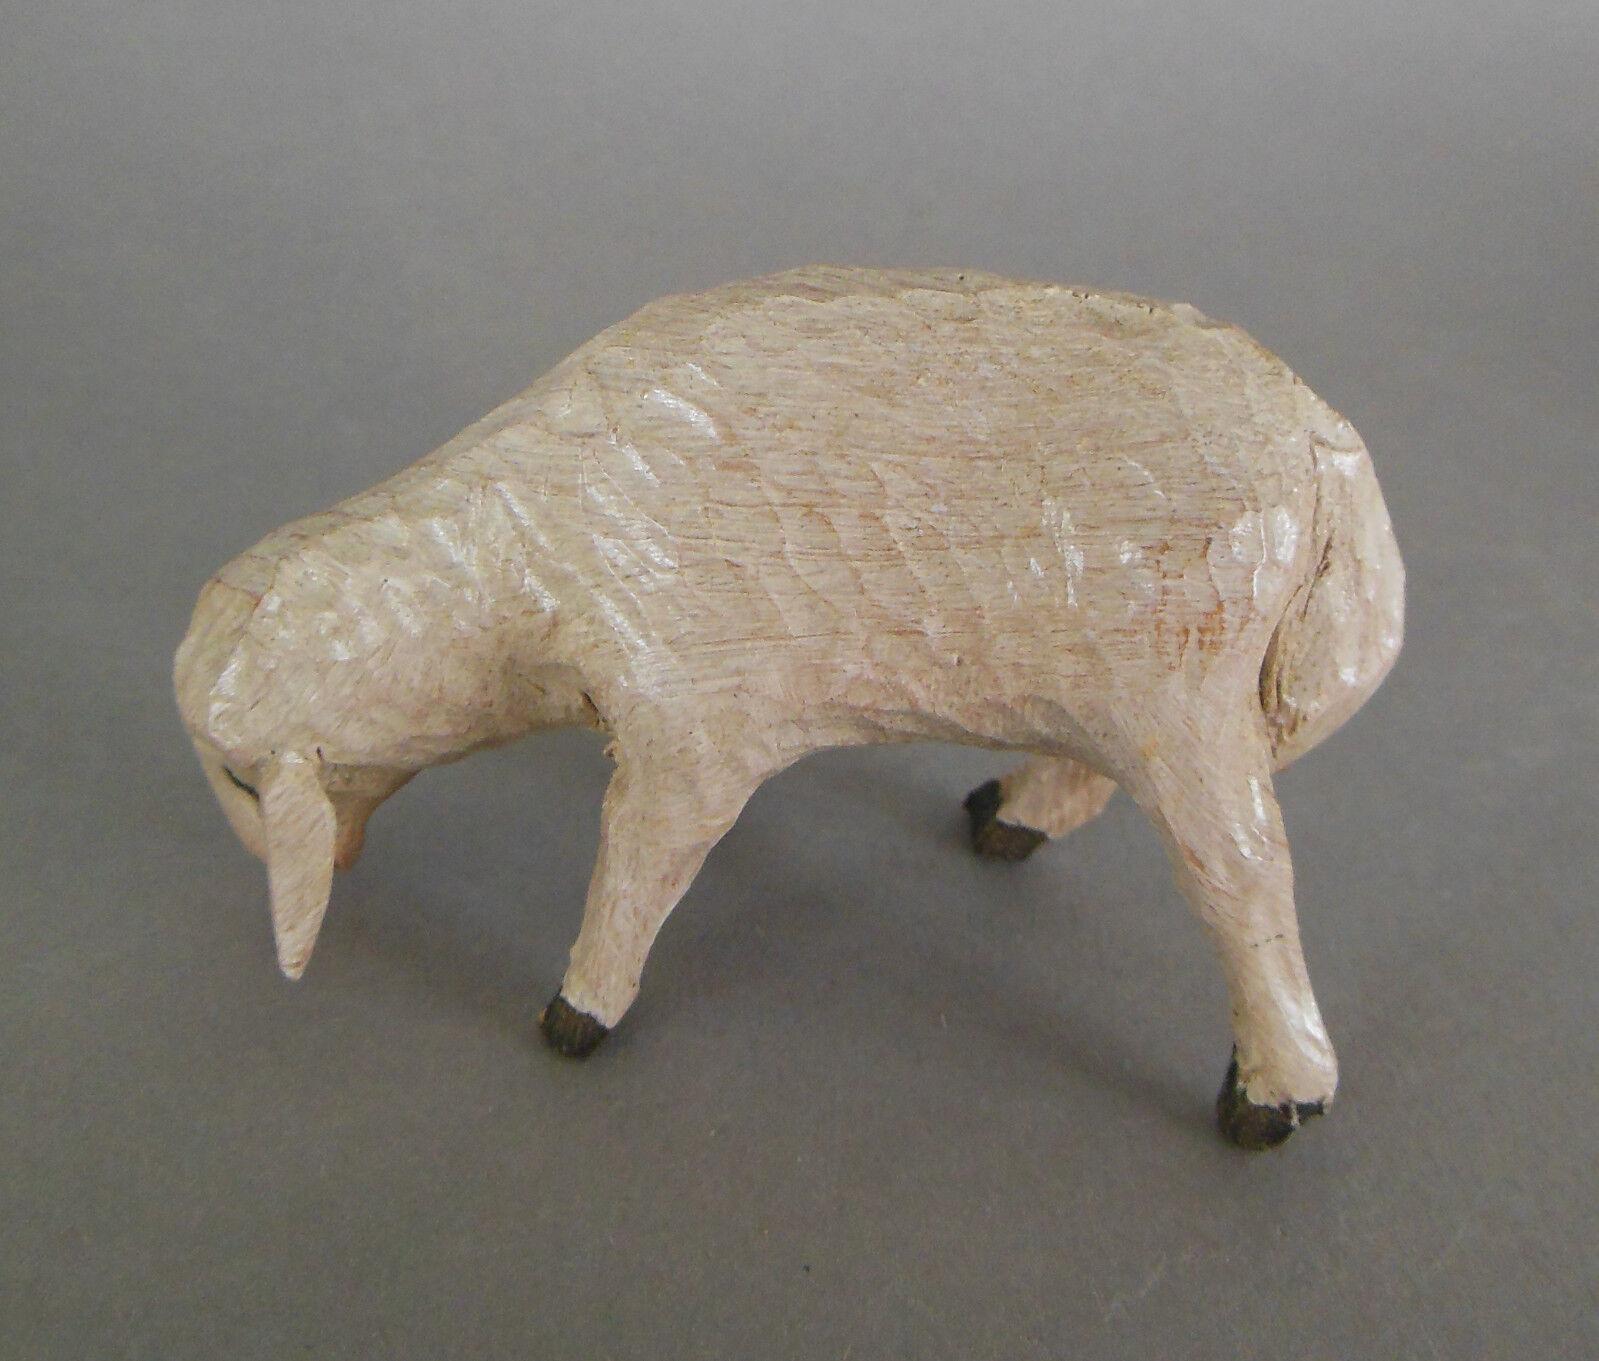 Schaf hell 2x,Schaf dunkler dunkler dunkler 1x,Zirbenholz bemalt Figuren Größe 13 - 14 cm Nr.11 | Modernes Design  9752c1